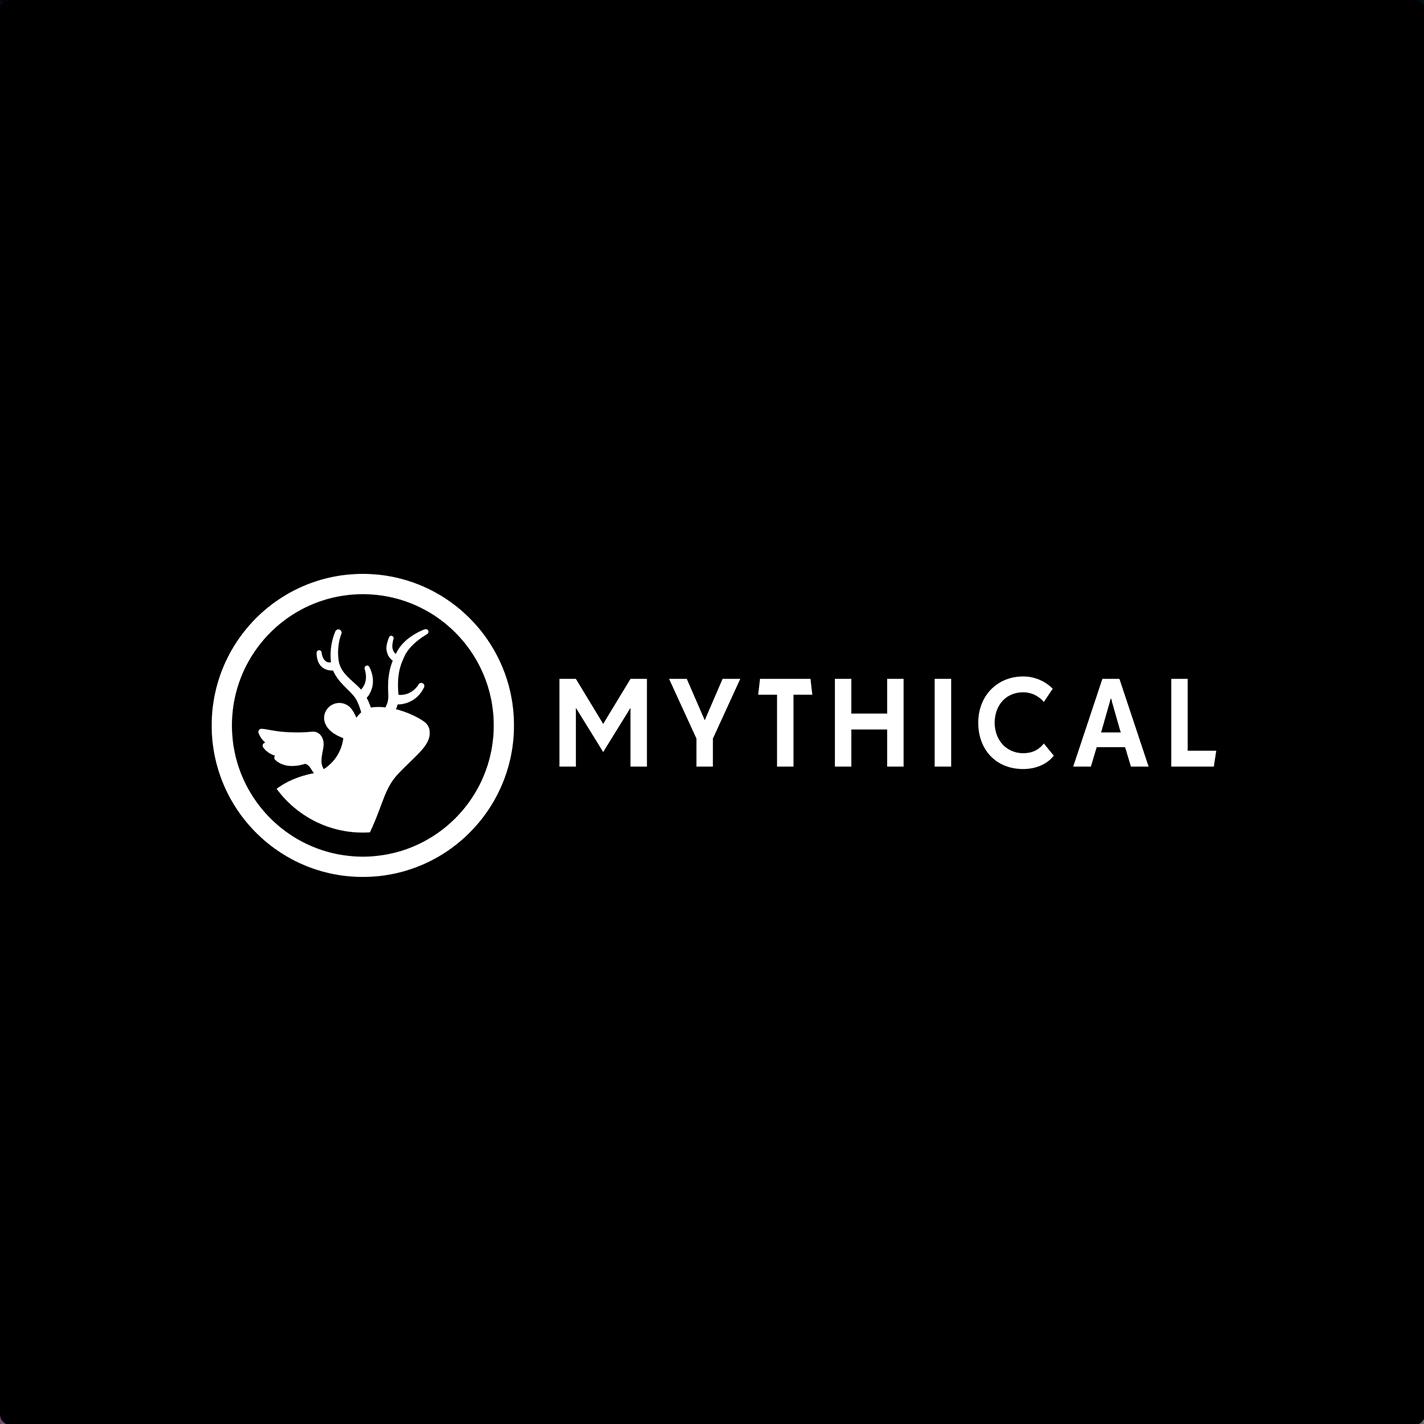 Mythical logo